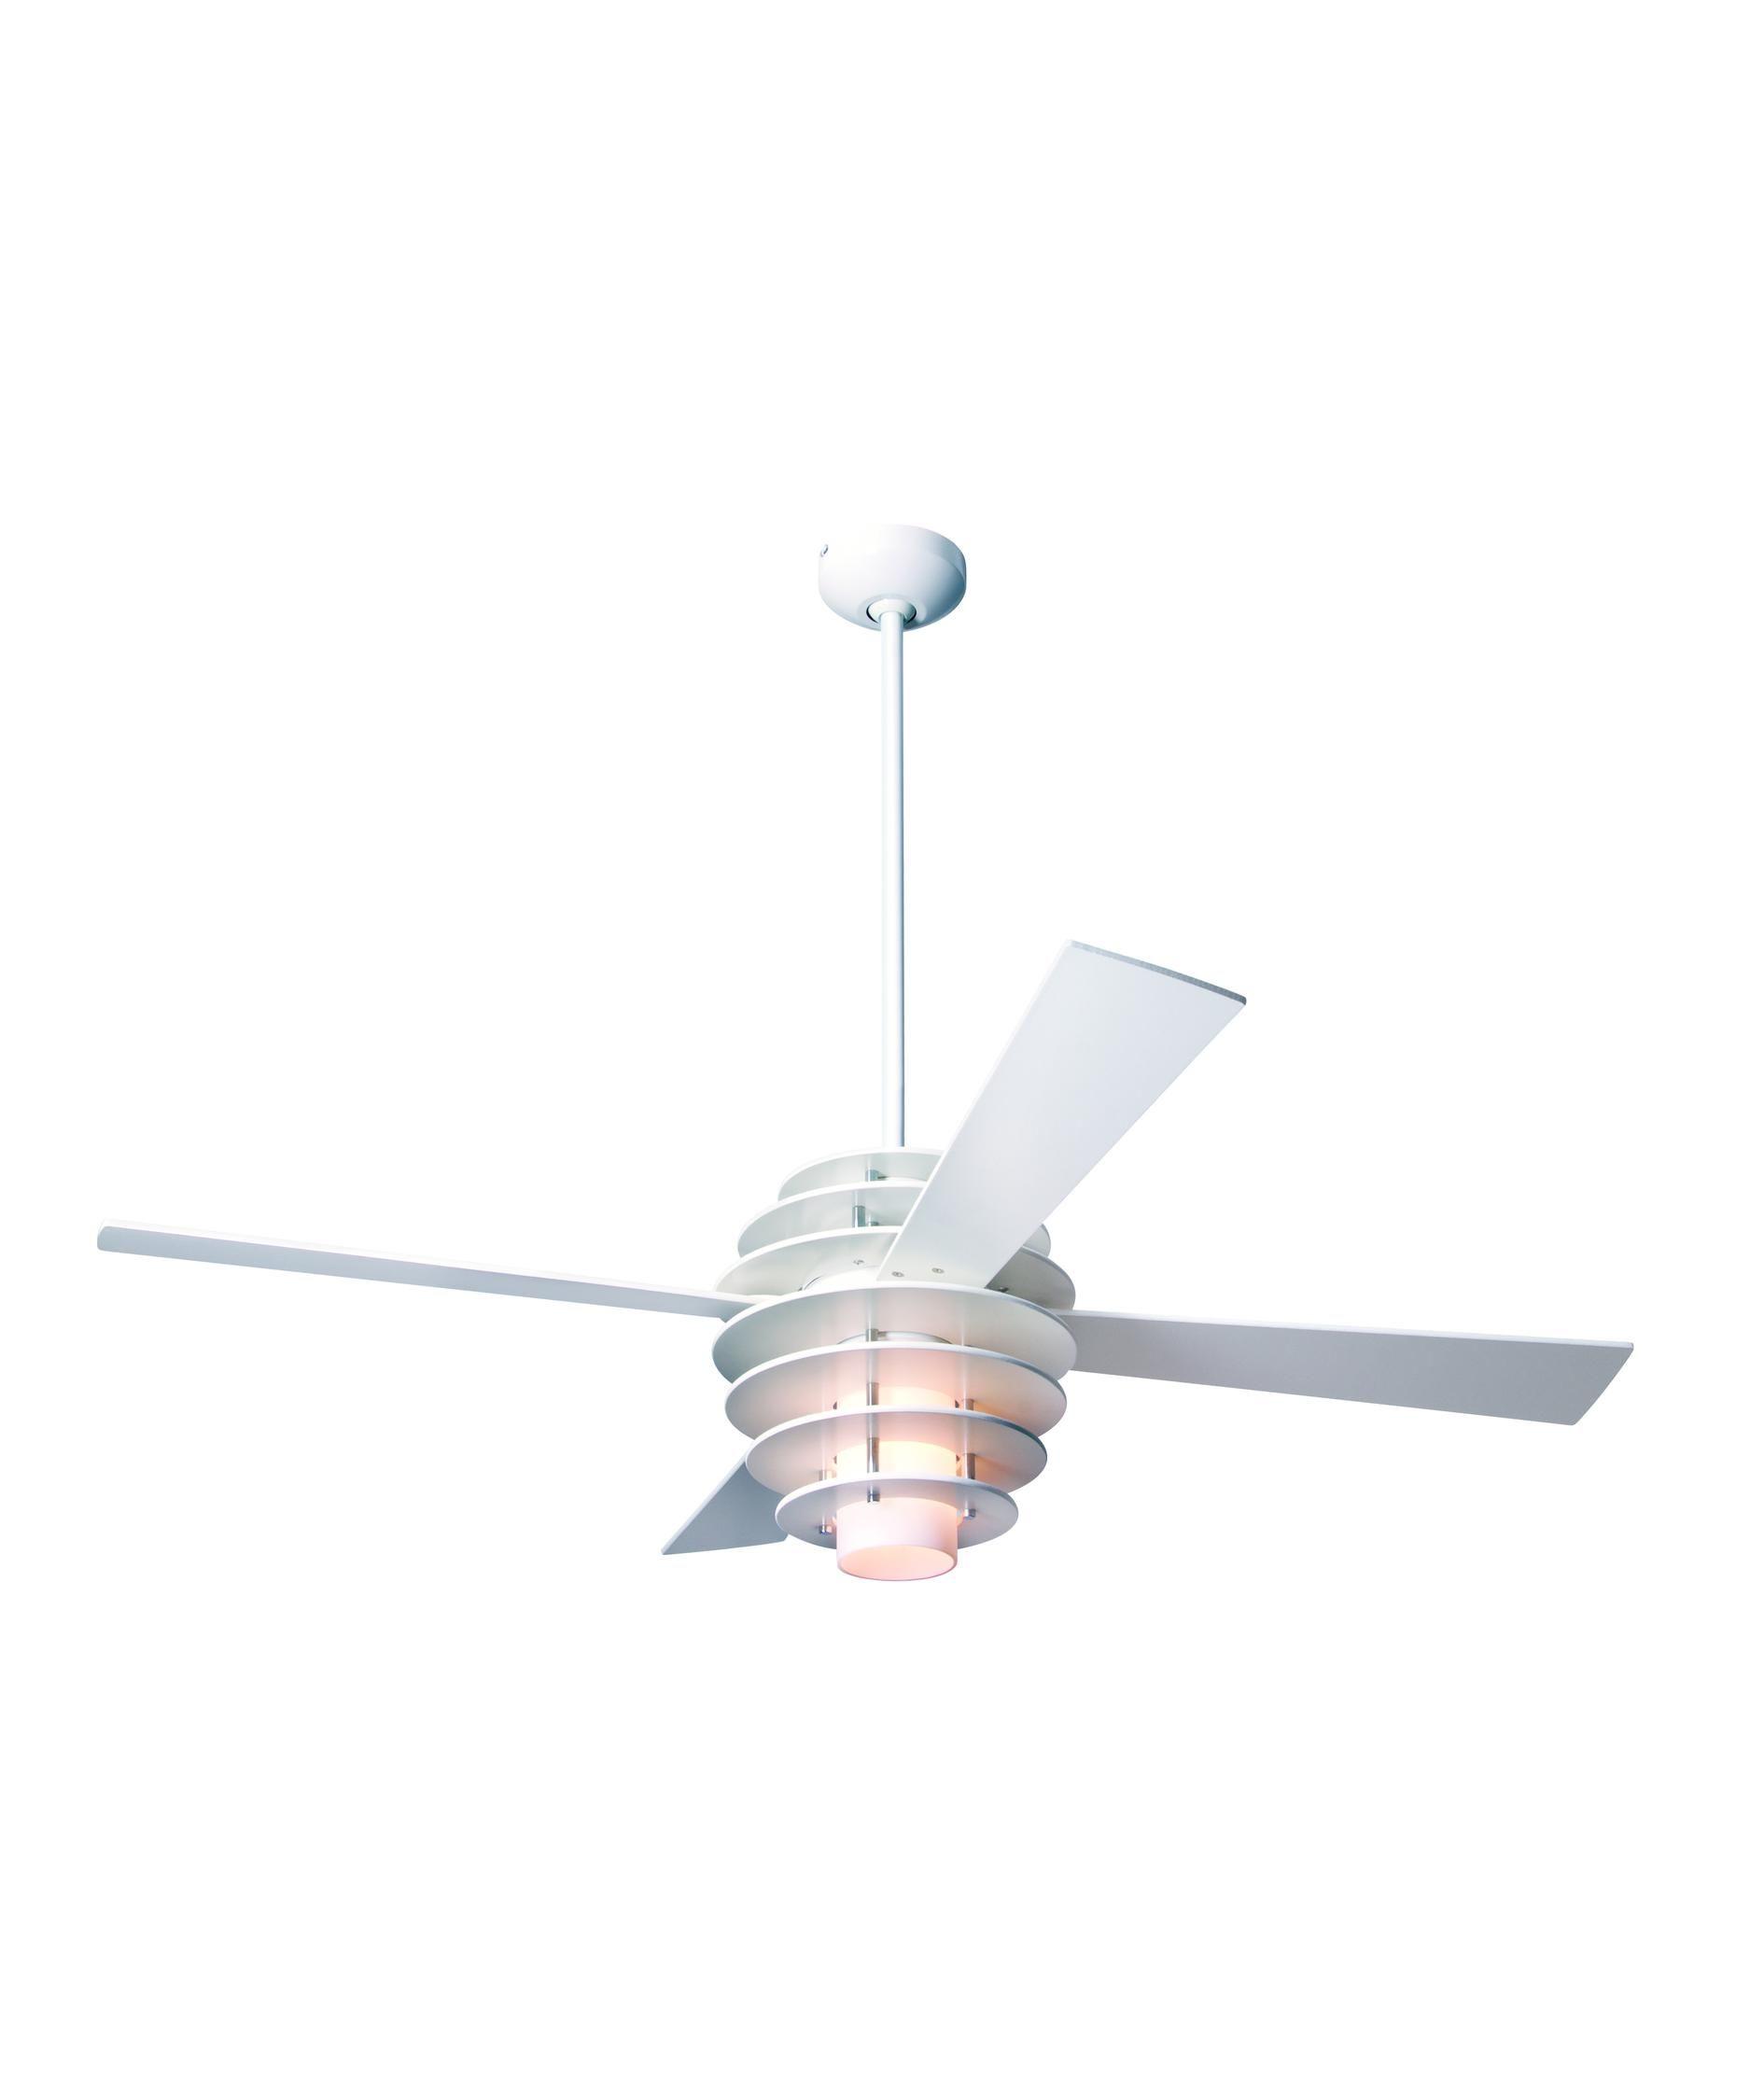 Modern Fan pany Stella 52 Inch 4 Blade Ceiling Fan